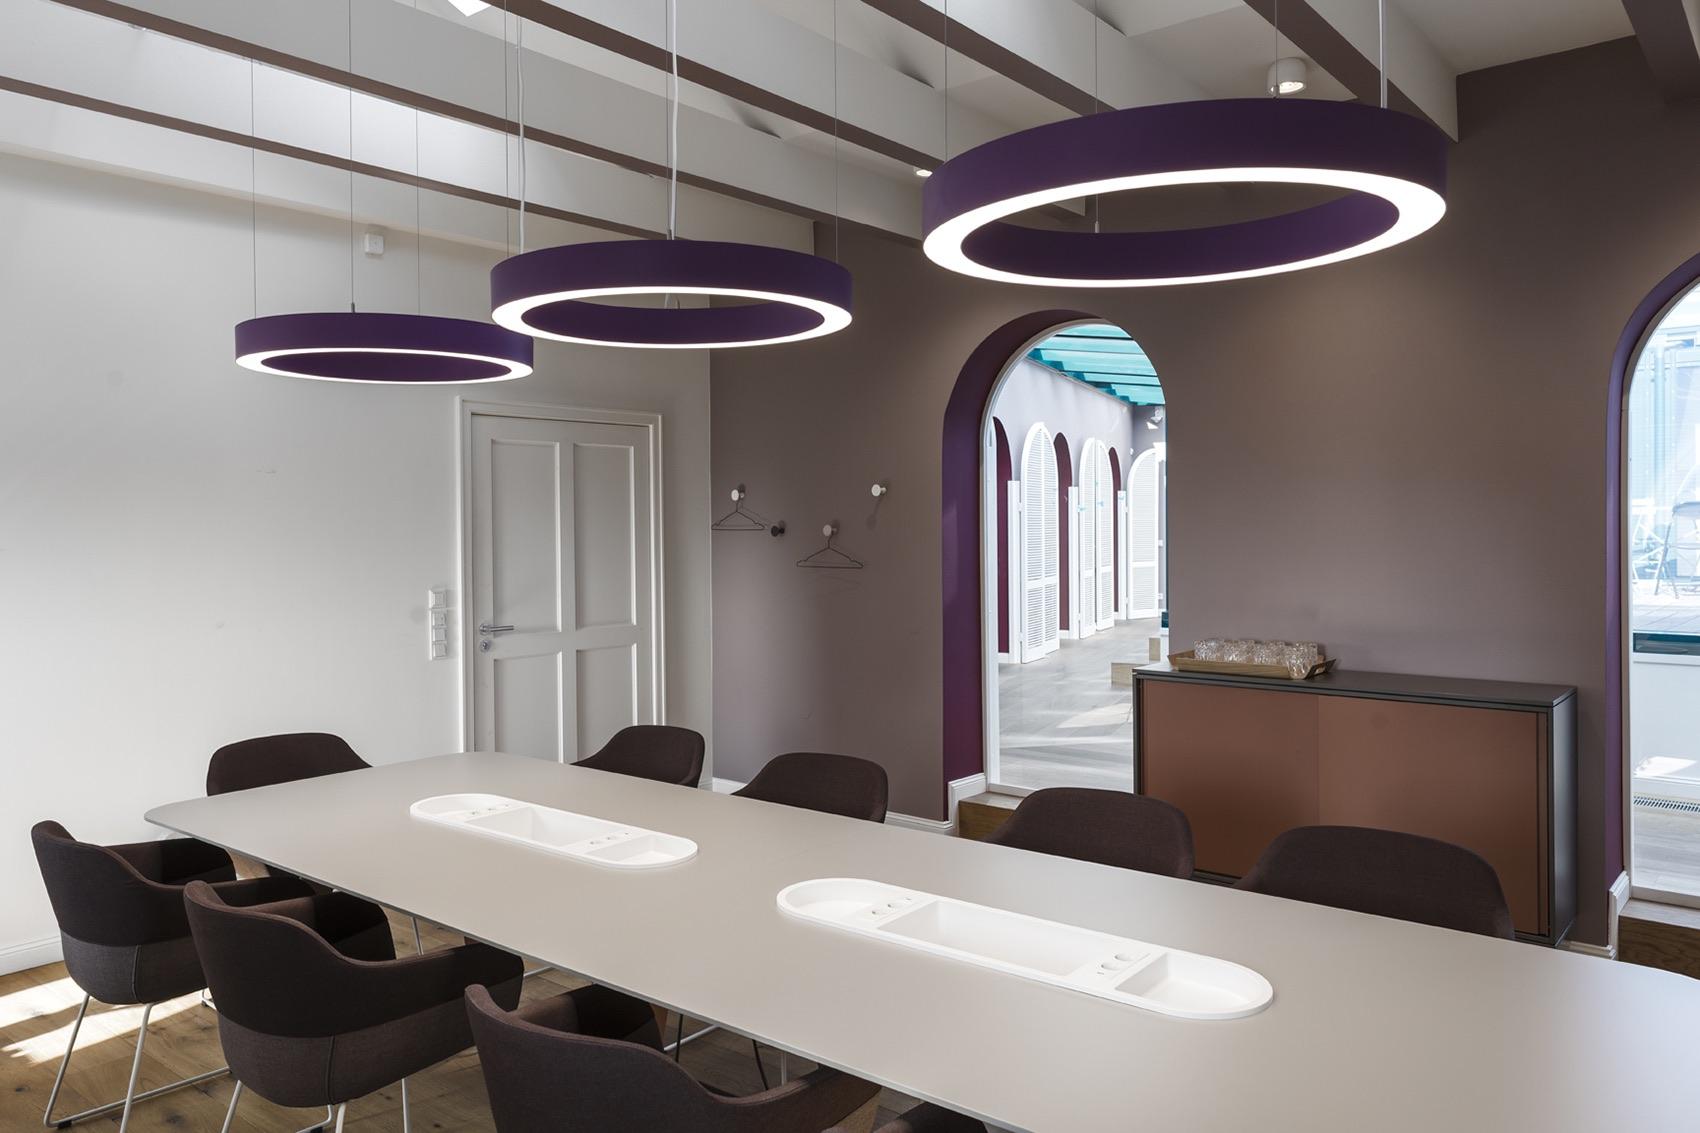 netlight-hamburg-office-11